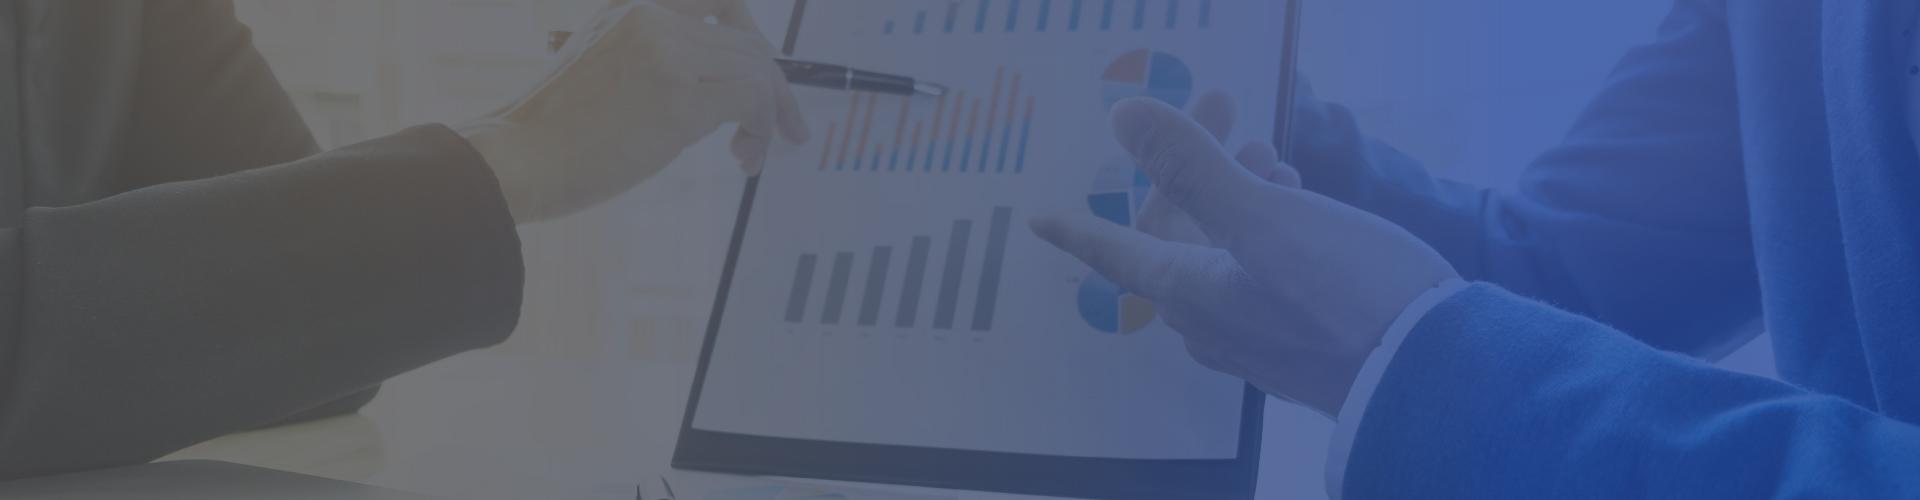 Consultoría contable para micro, pequeña y mediana empresa